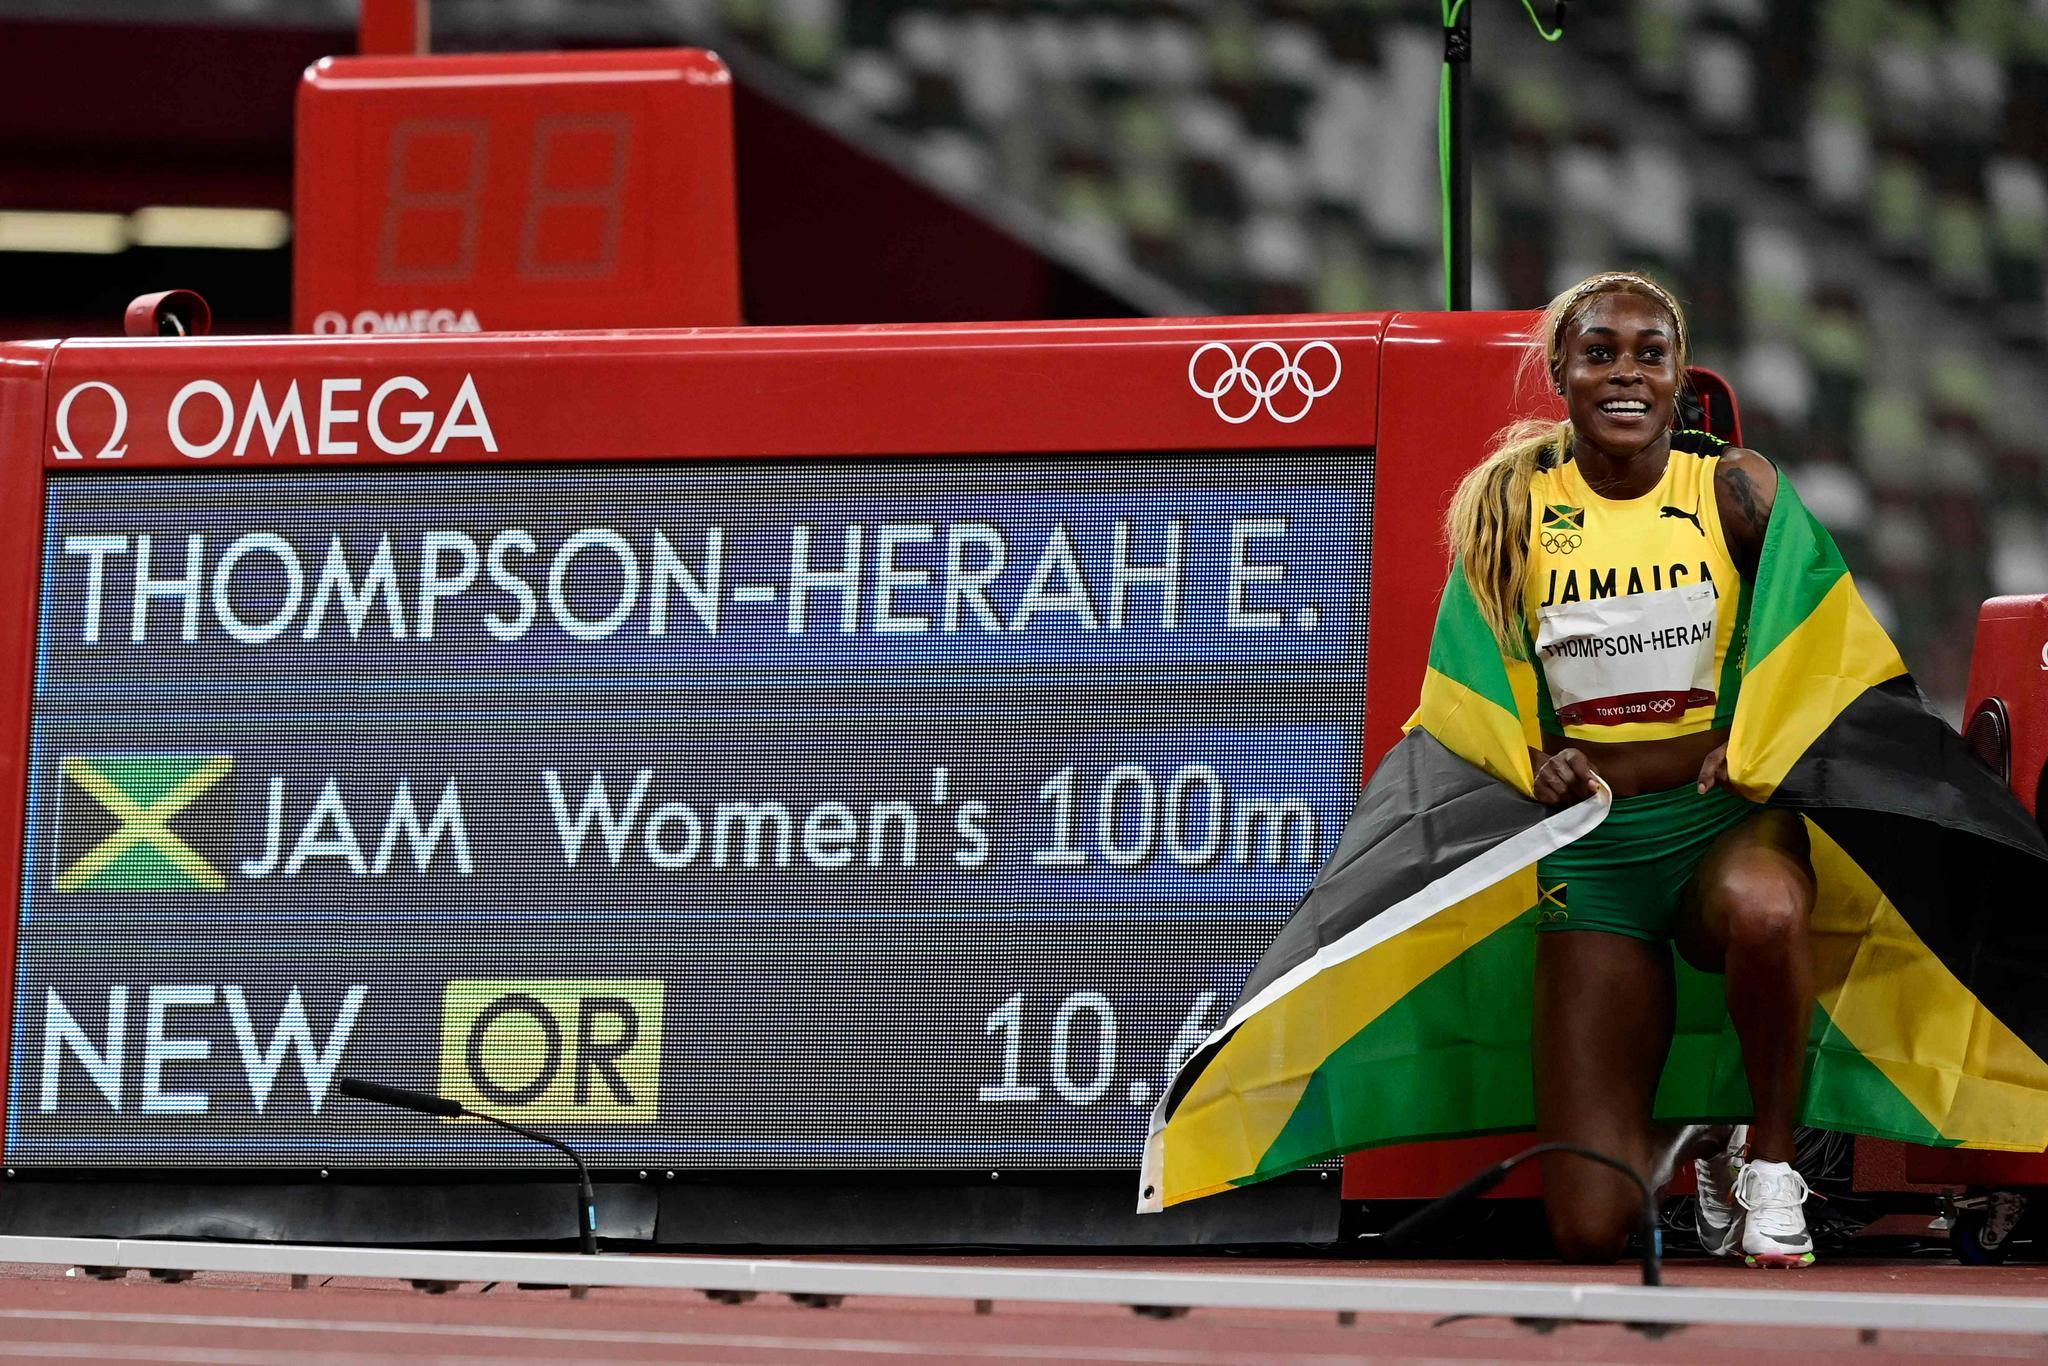 打破33年奥运纪录!牙买加选手包揽女子100米金银牌